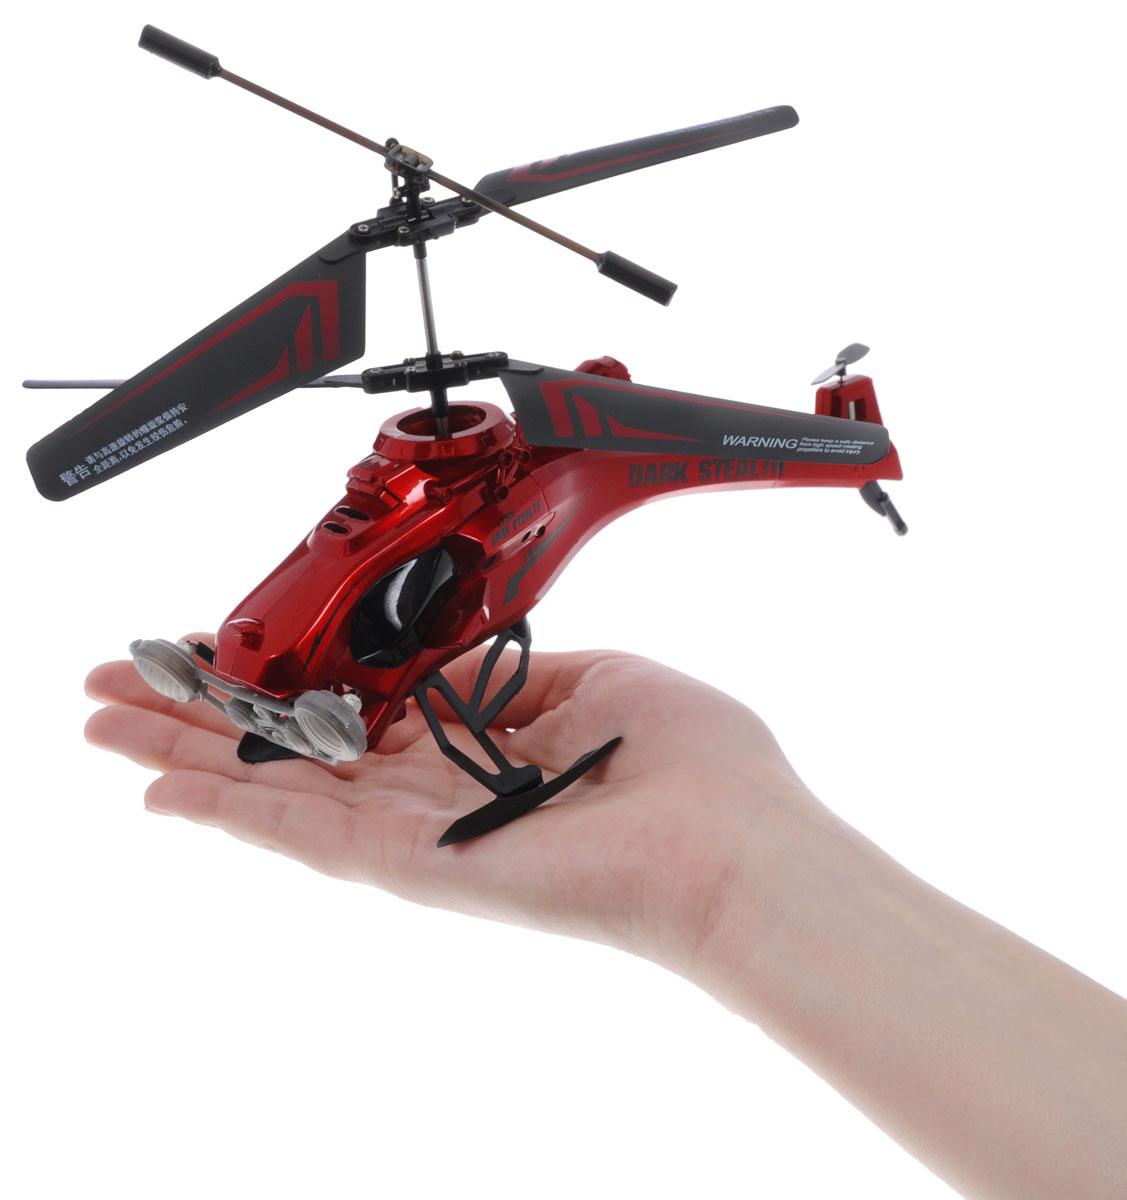 комплектация всегда вертолеты на пульте фото складывалась жизнь сына